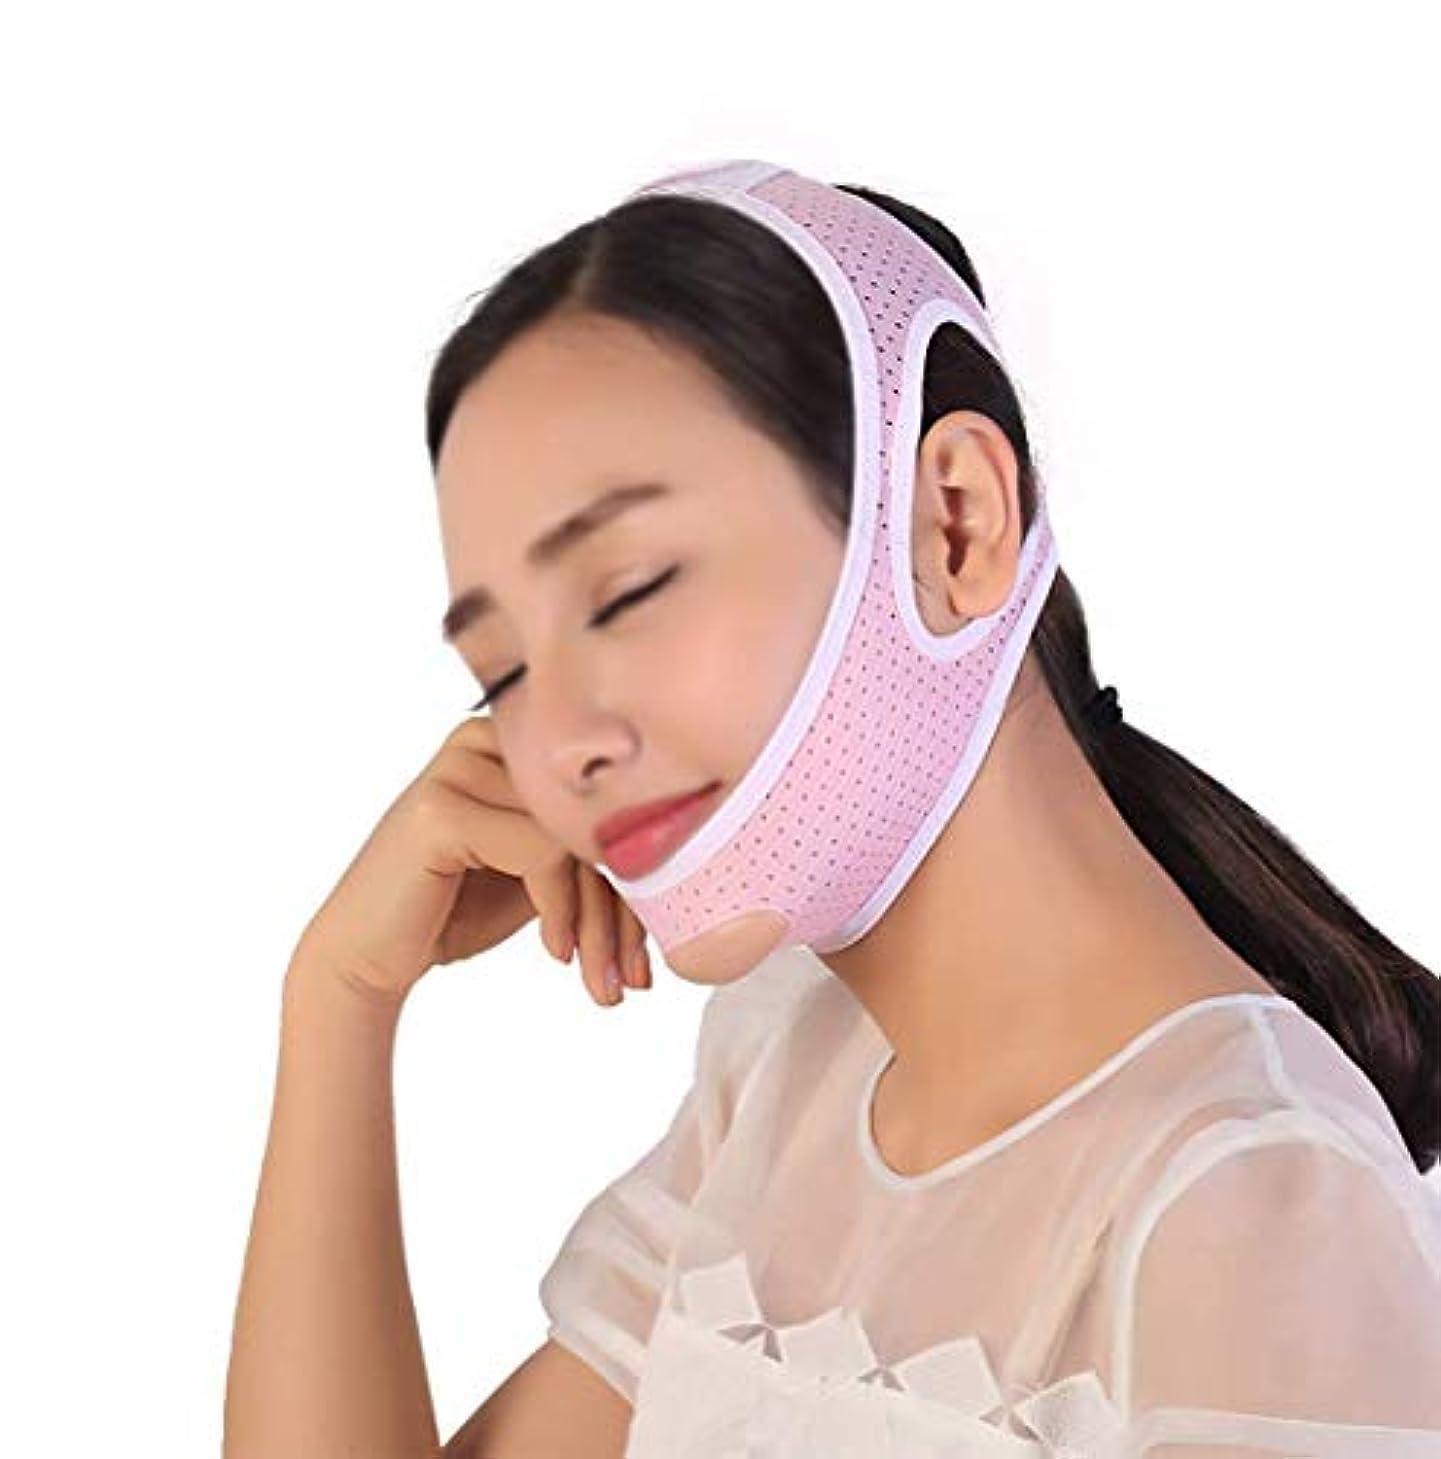 資金輪郭スーパーフェイスリフトフェイシャル、肌のリラクゼーションを防ぐためのタイトなVフェイスマスクVフェイスアーティファクトフェイスリフトバンデージフェイスケア(サイズ:M)